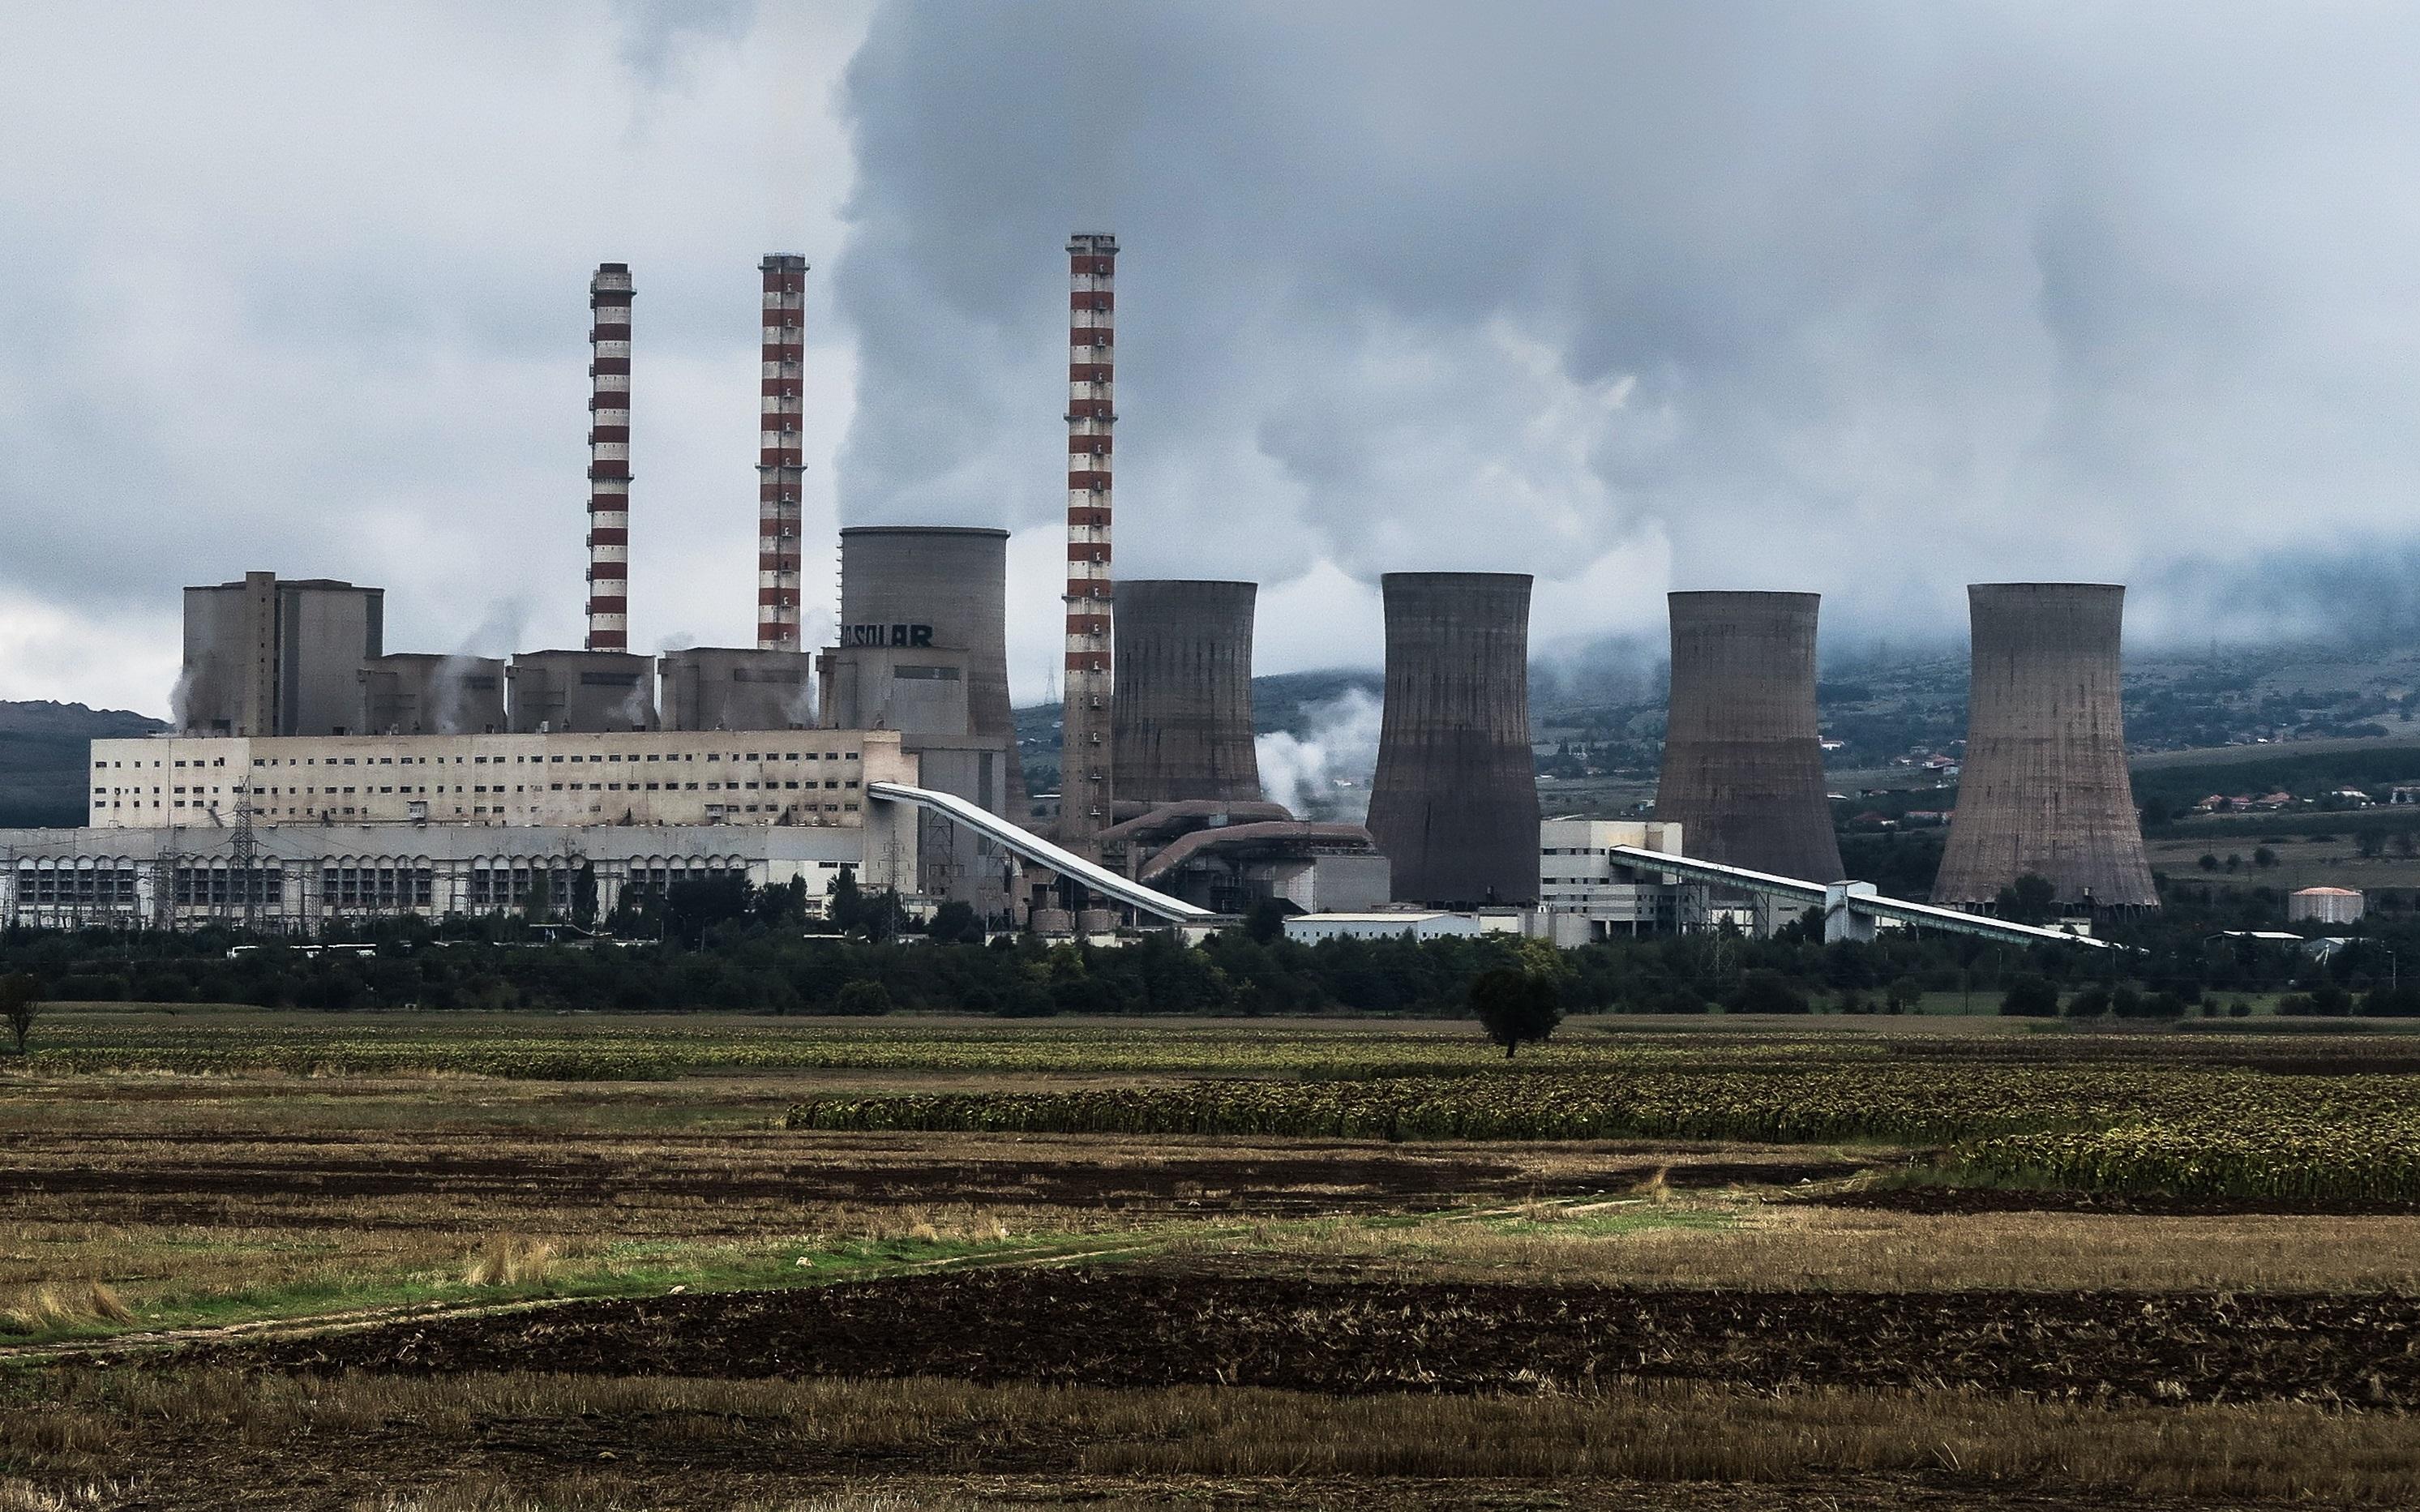 DEKRA Industrial Te Informa De Las Novedades En Prevención Y Control Ambiental De Actividades